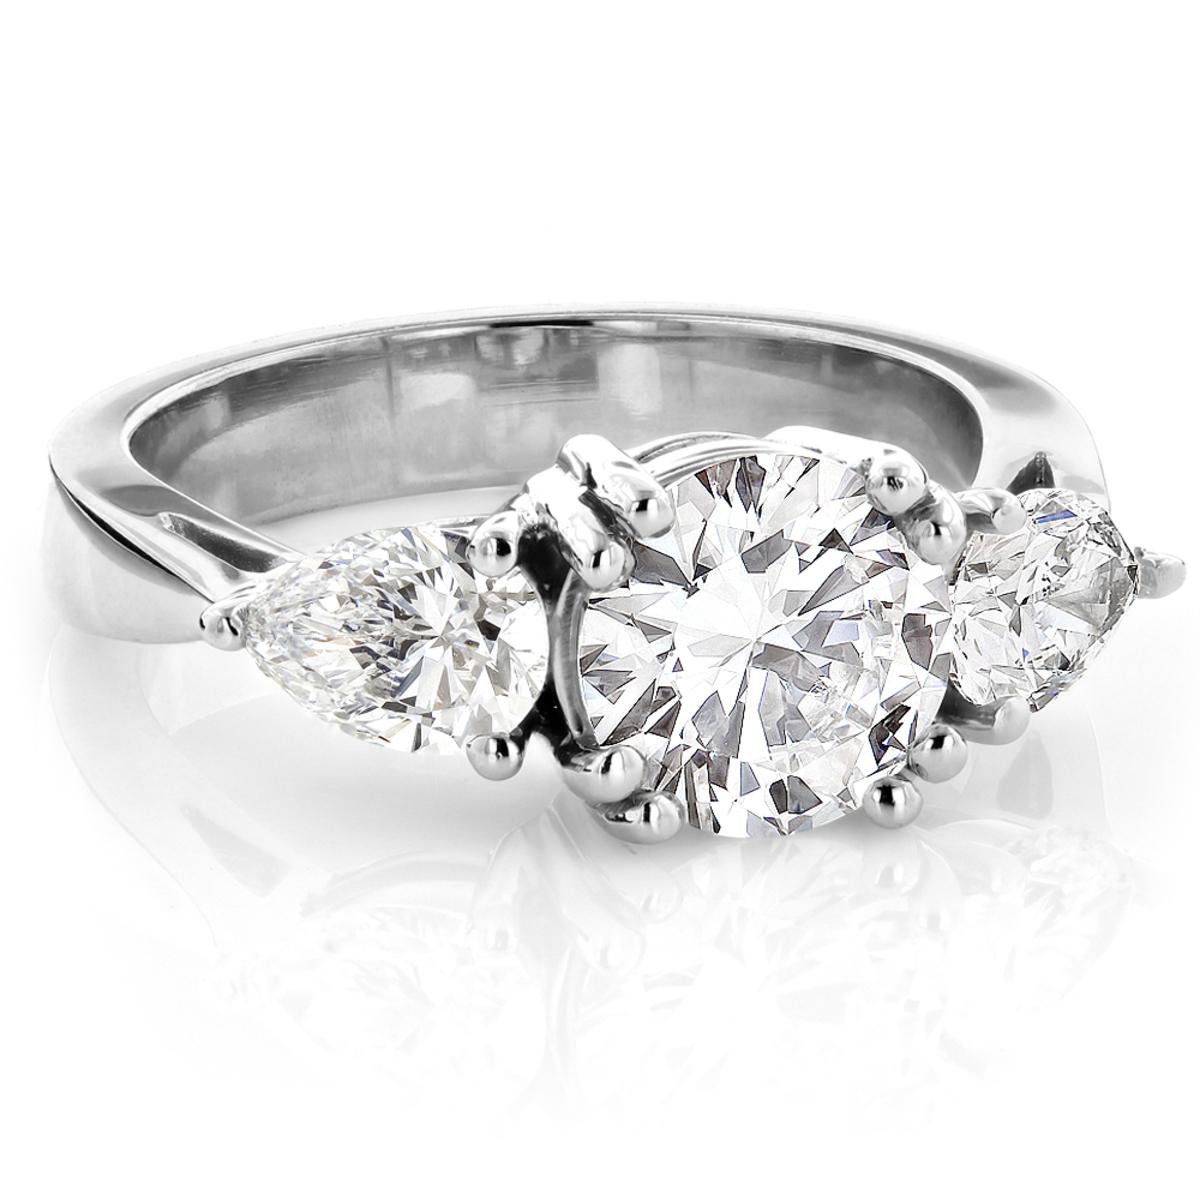 Platinum Three Stone Round and Pear Diamond Engagement Ring 3ct G/VS GIA